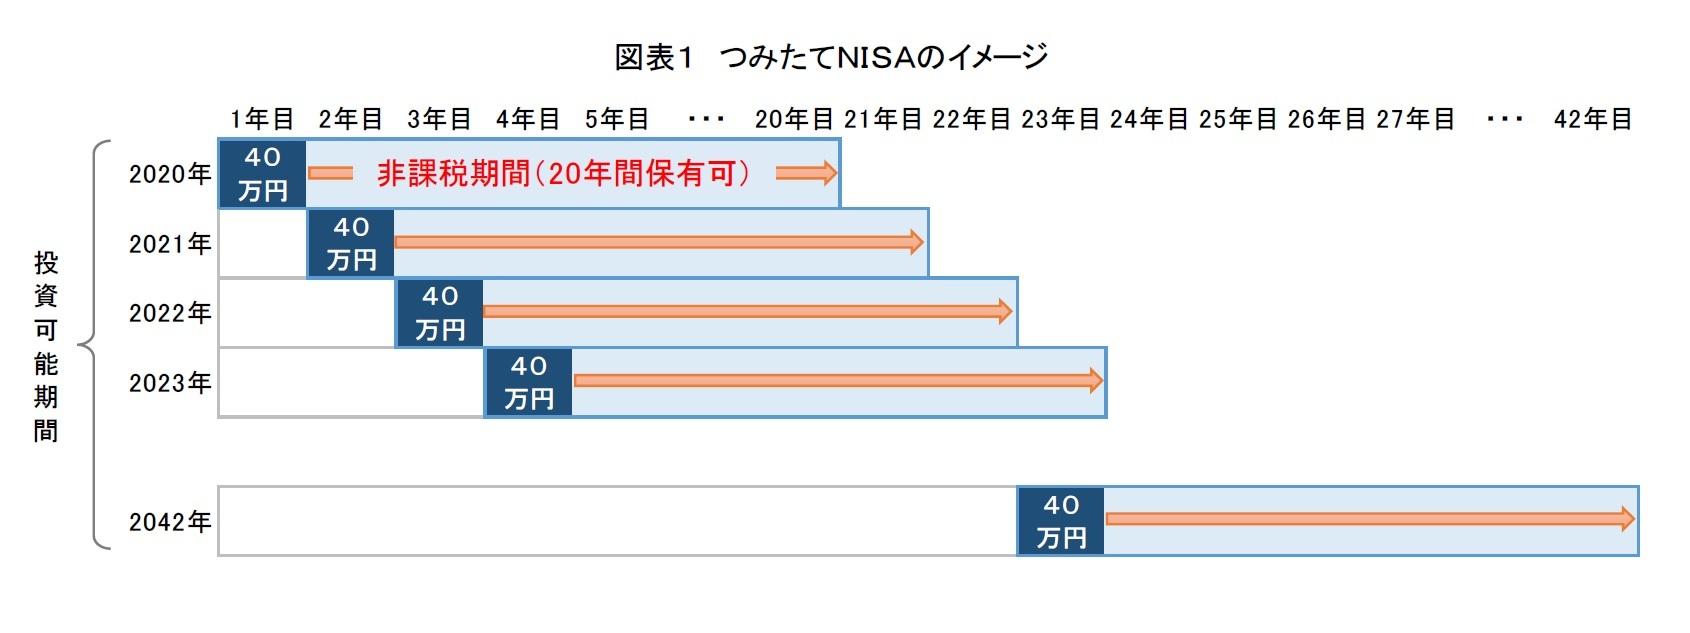 図表1 つみたてNISAのイメージ